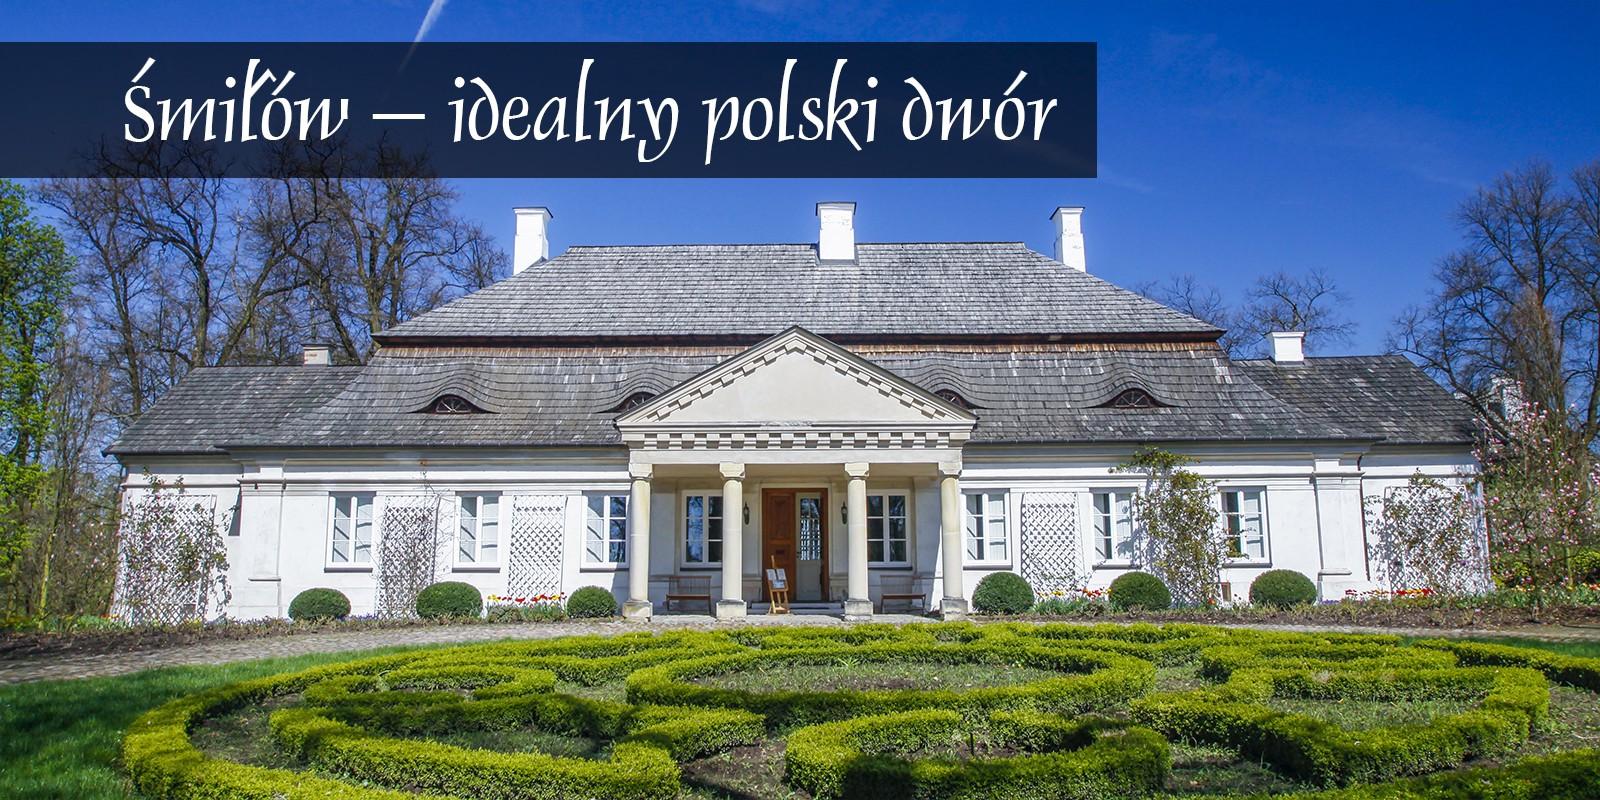 Śmilów Dwór Polska Świętorzkyskie polska plski dworek rezydencja